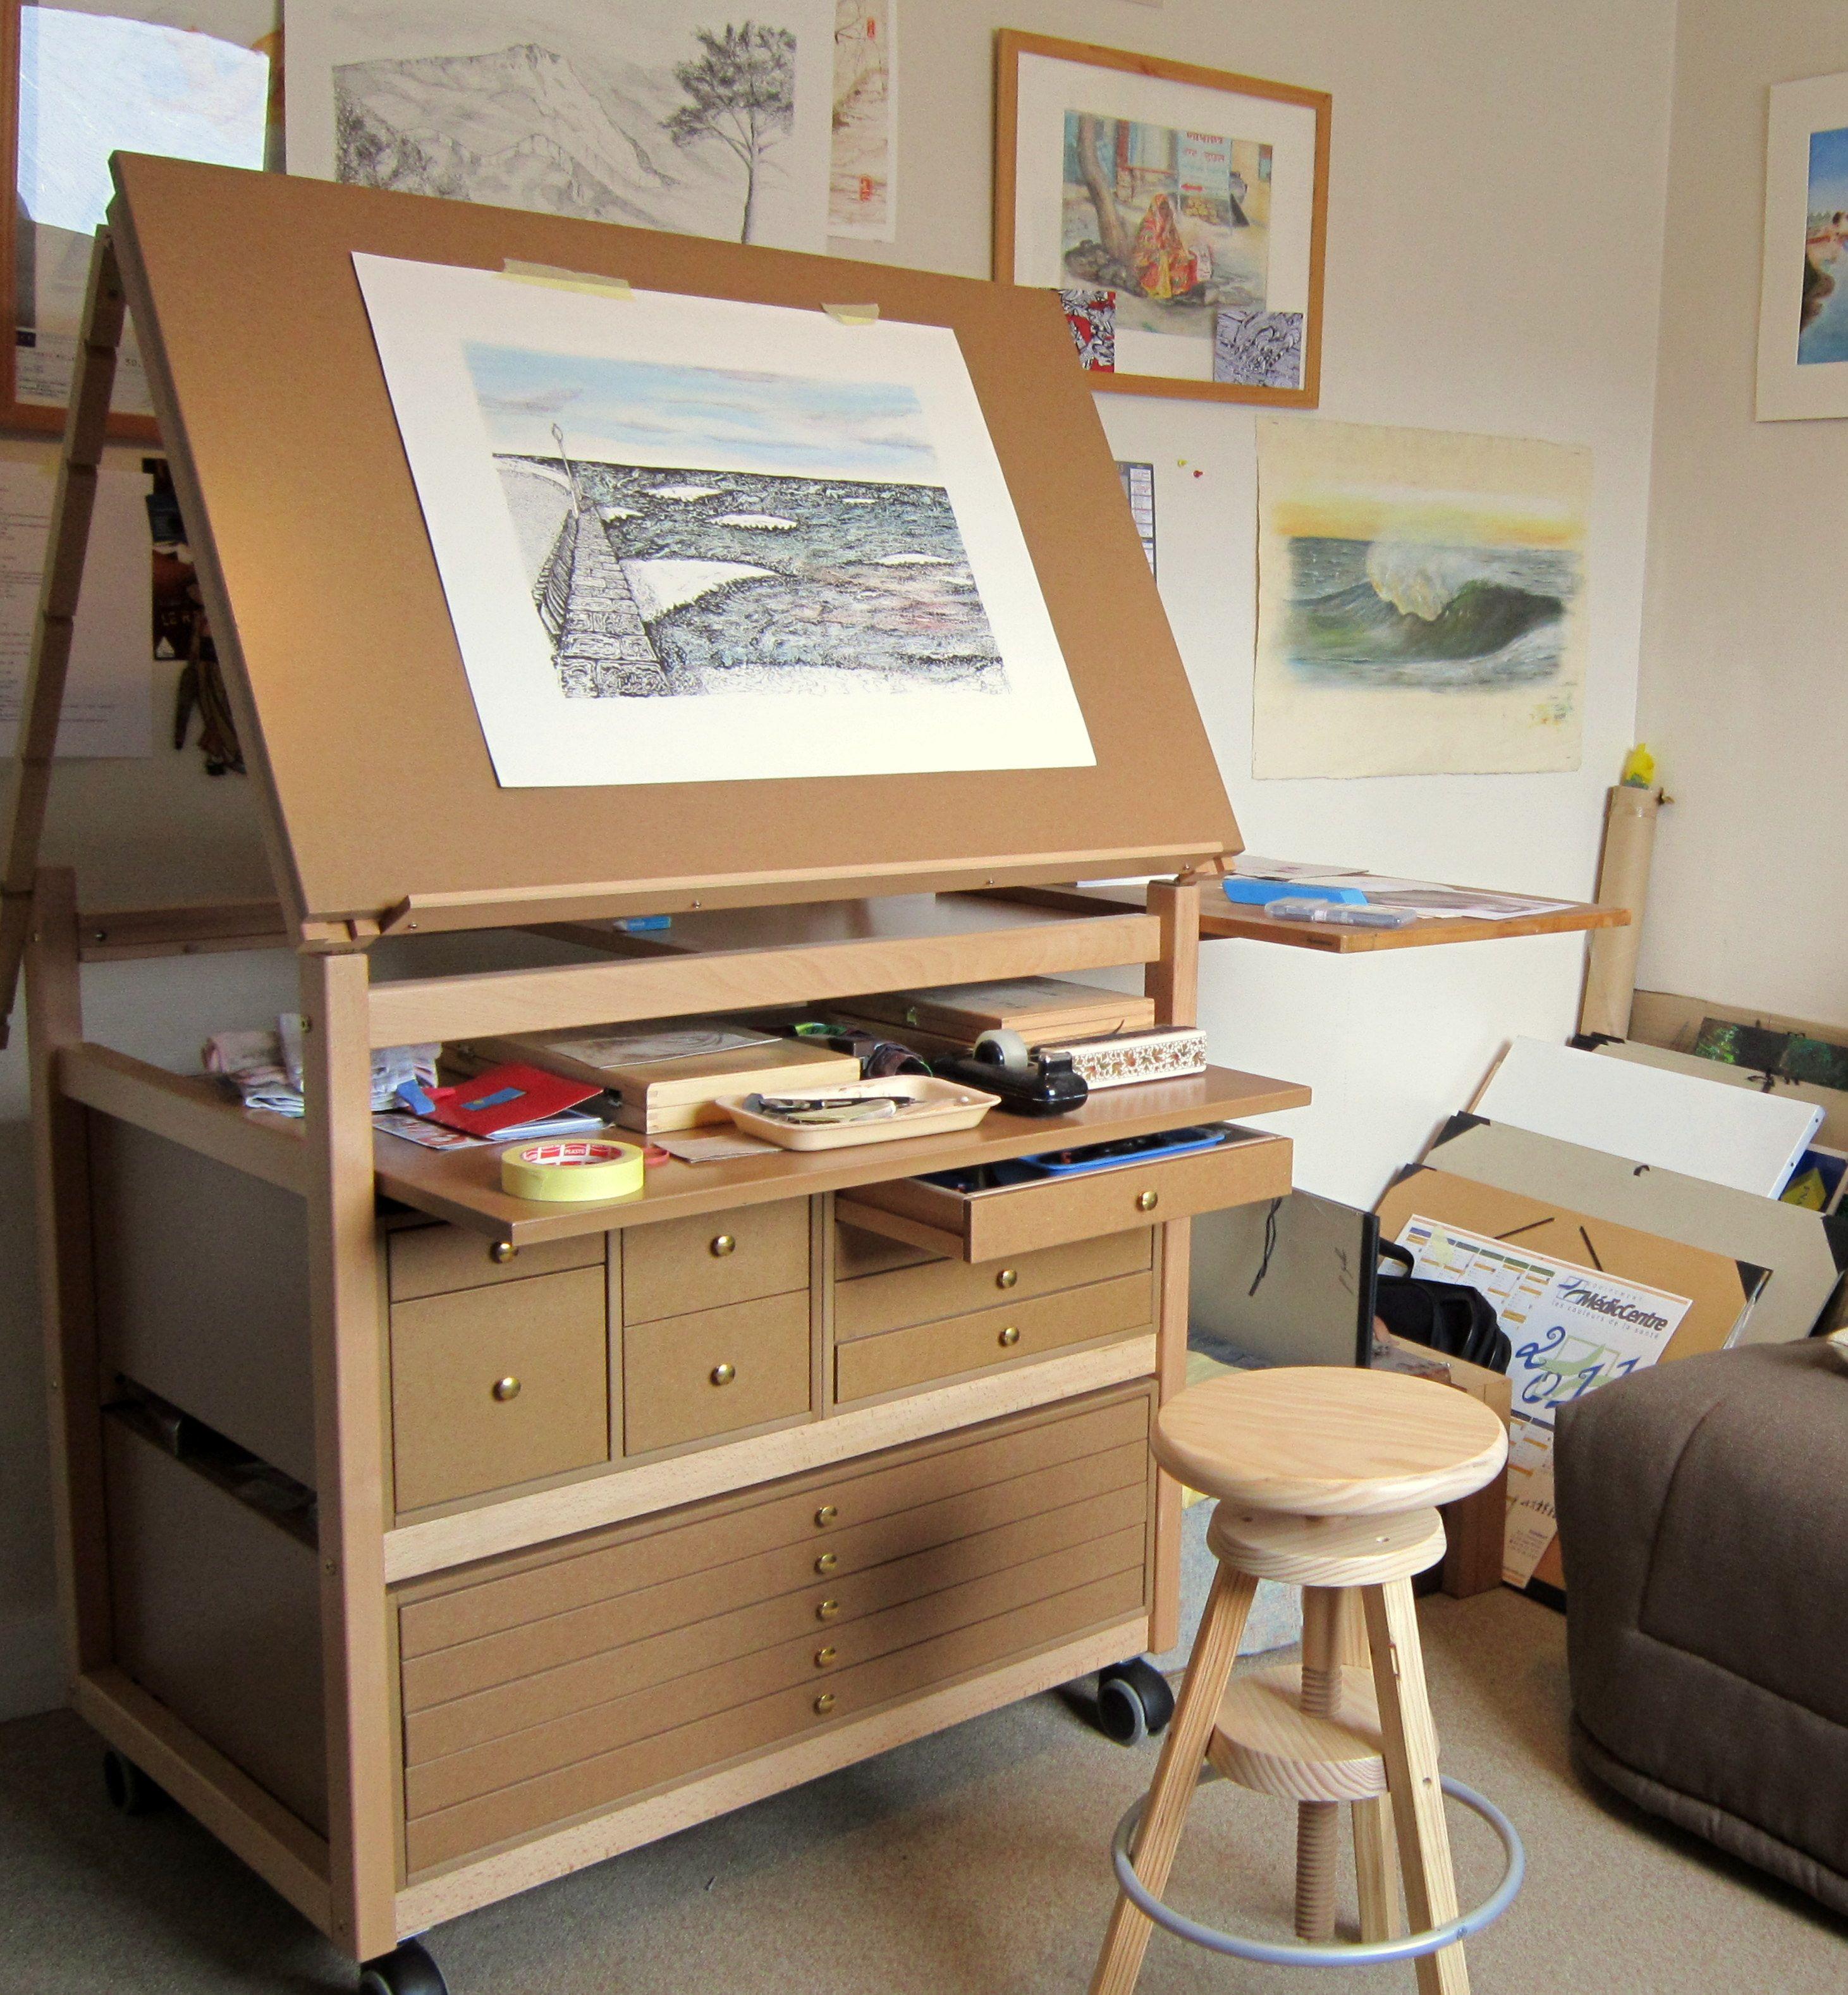 Le Meuble Atelier D Art Chez Vous Meuble Atelier Organisation De Studio D Art Atelier Decoration